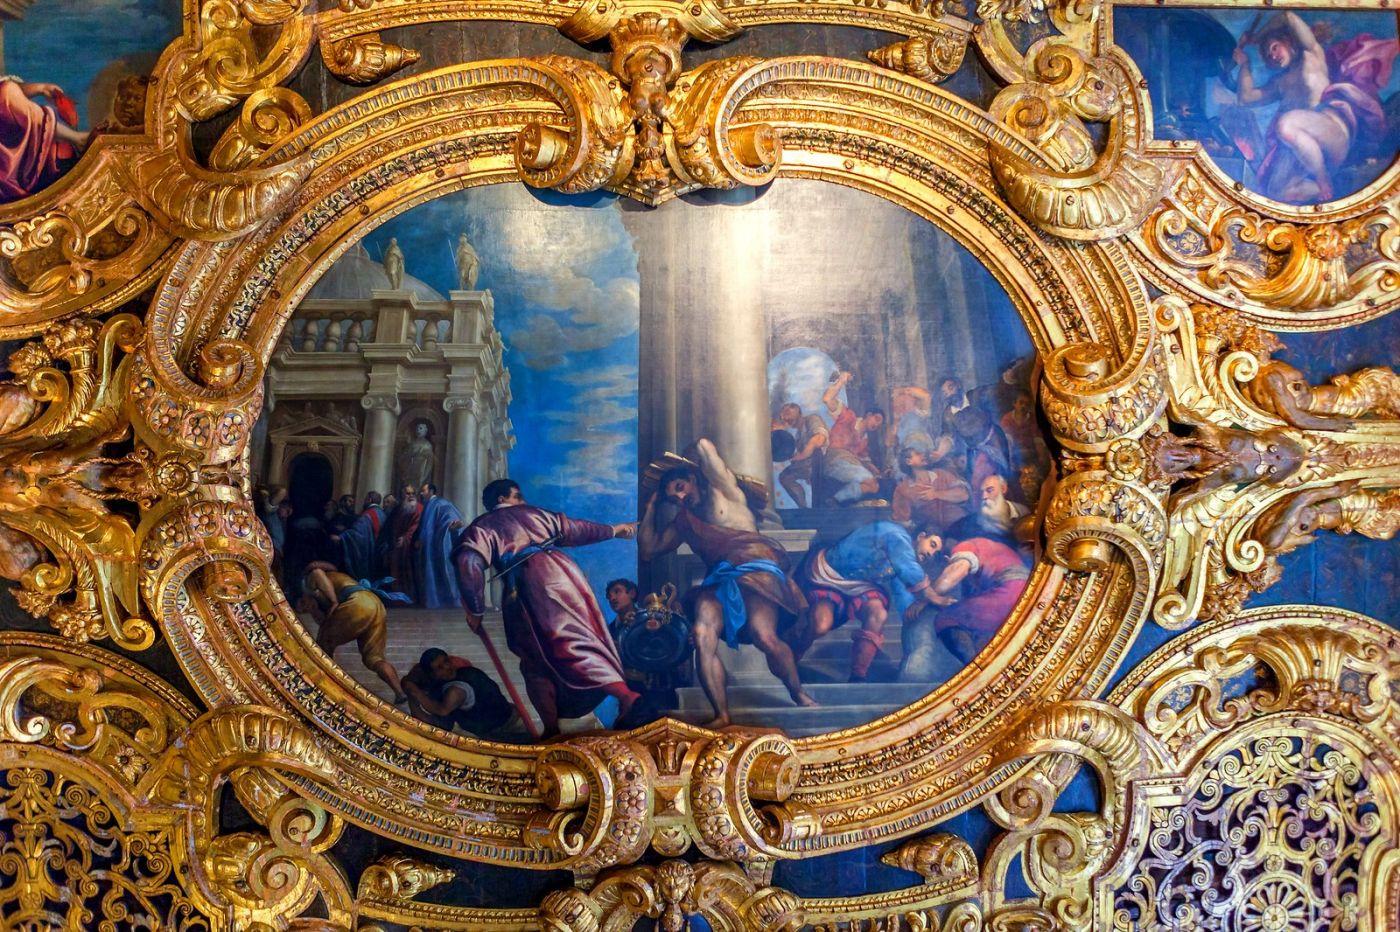 威尼斯圣马可大教堂(St Mark's Basilica), 精雕细琢的顶设_图1-31